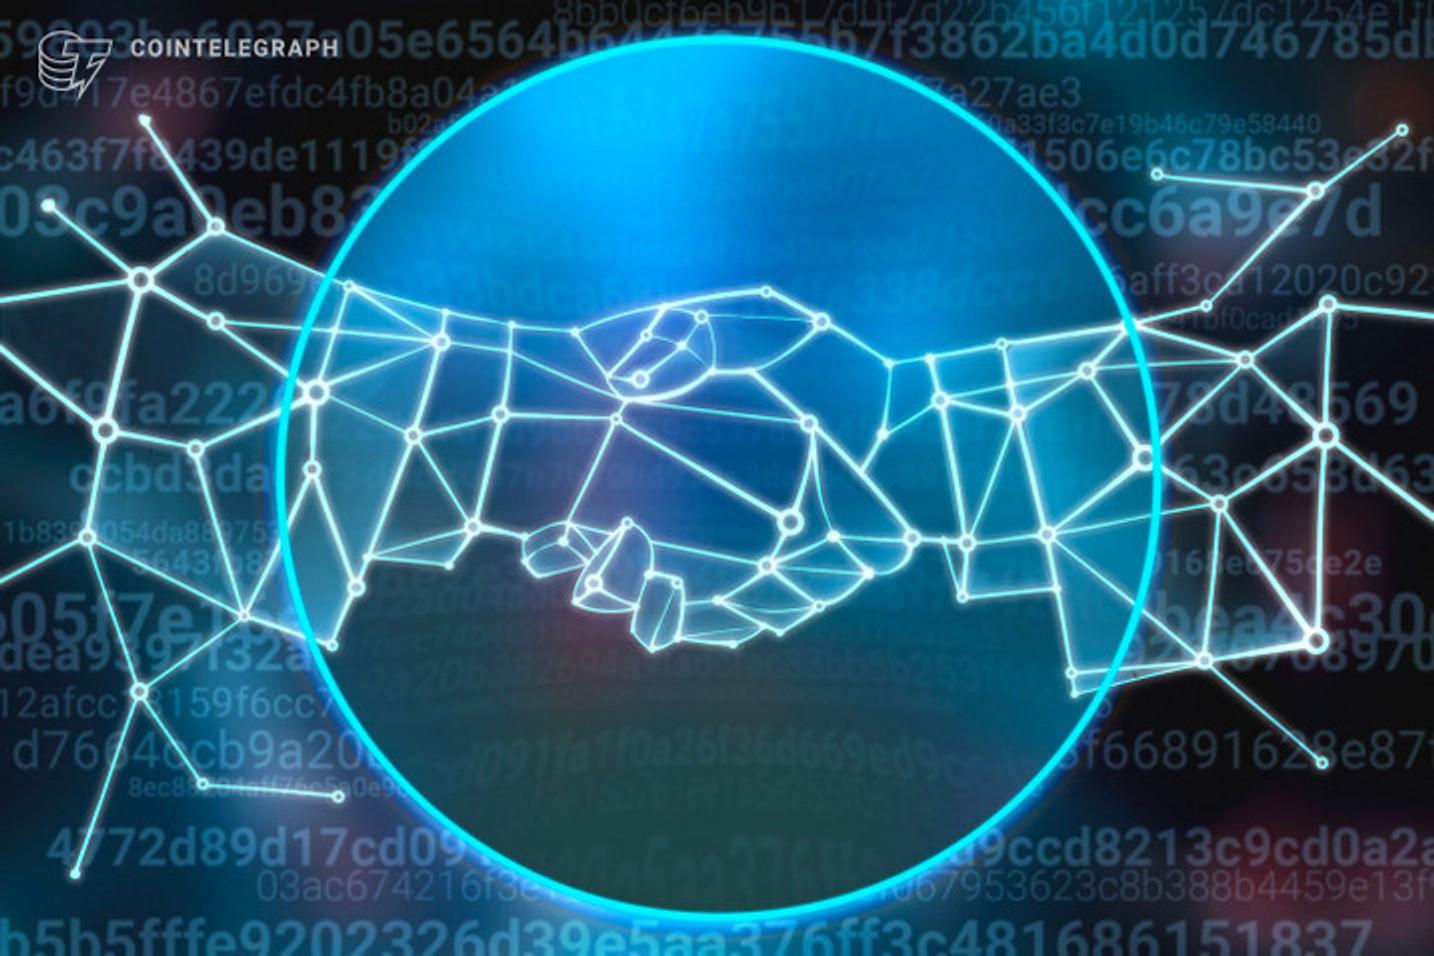 Nervos e IOHK se asocian para trabajar en la reducción de riesgos de seguridad de contratos inteligentes